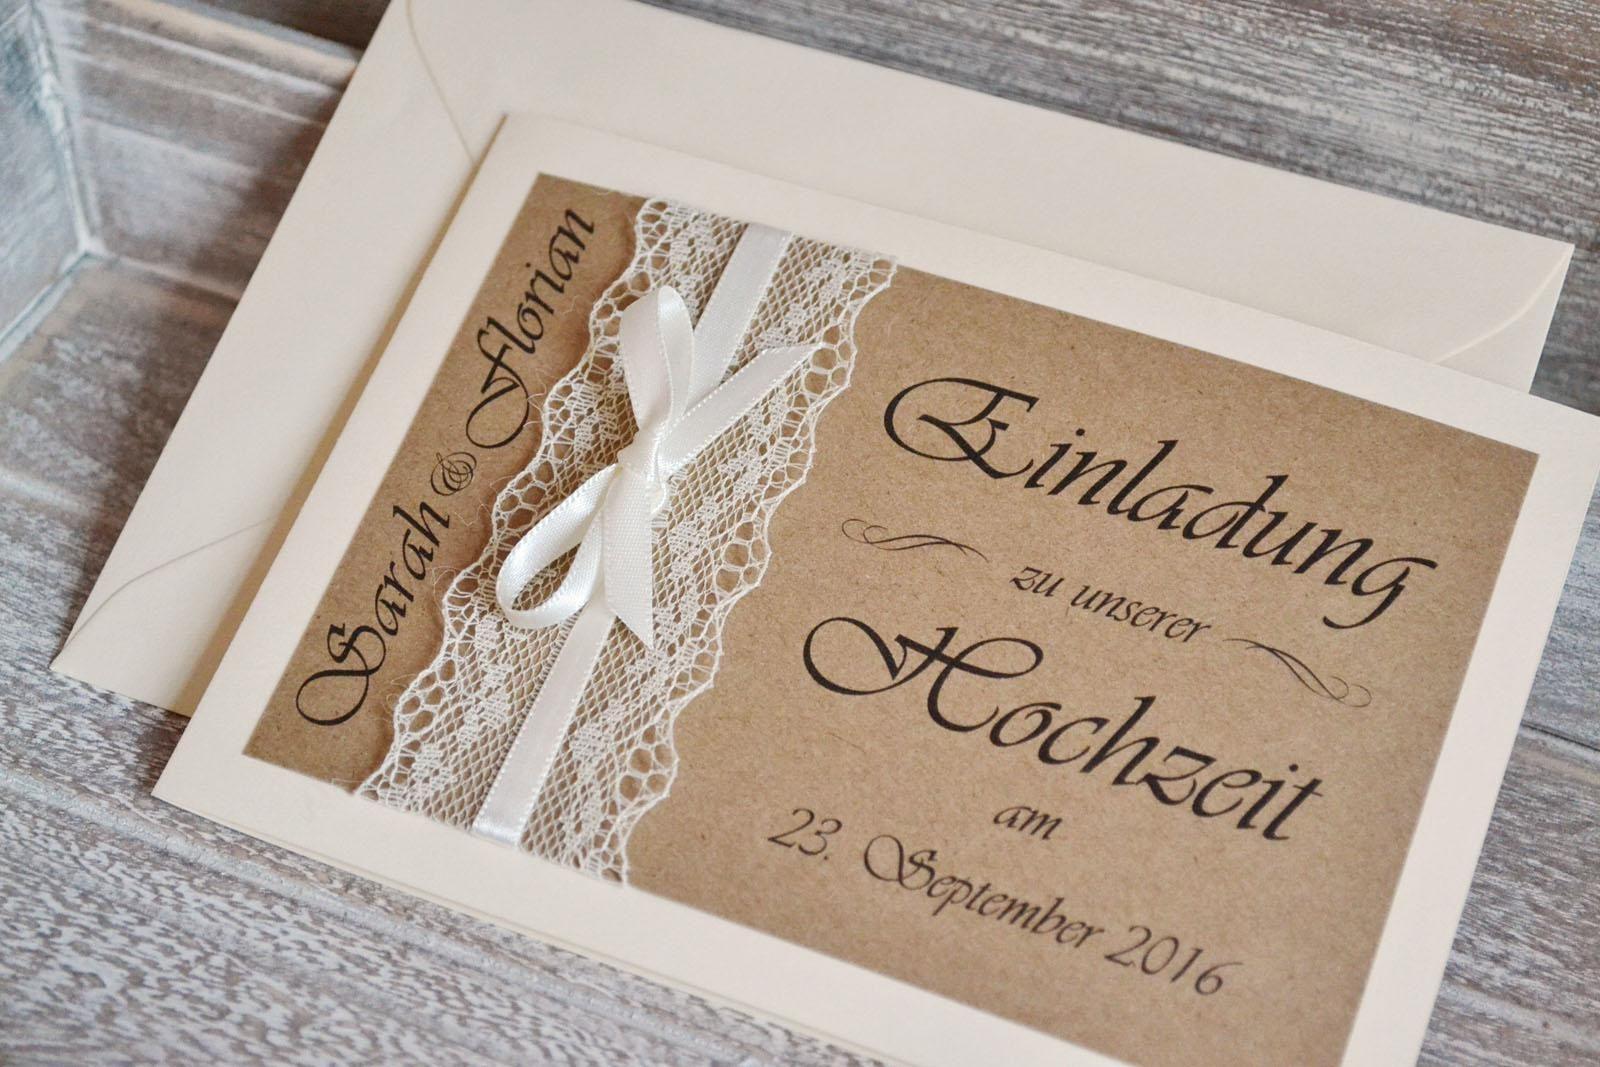 Originelle Geldgeschenke Hochzeit Selber Basteln Geldgeschenke Zur